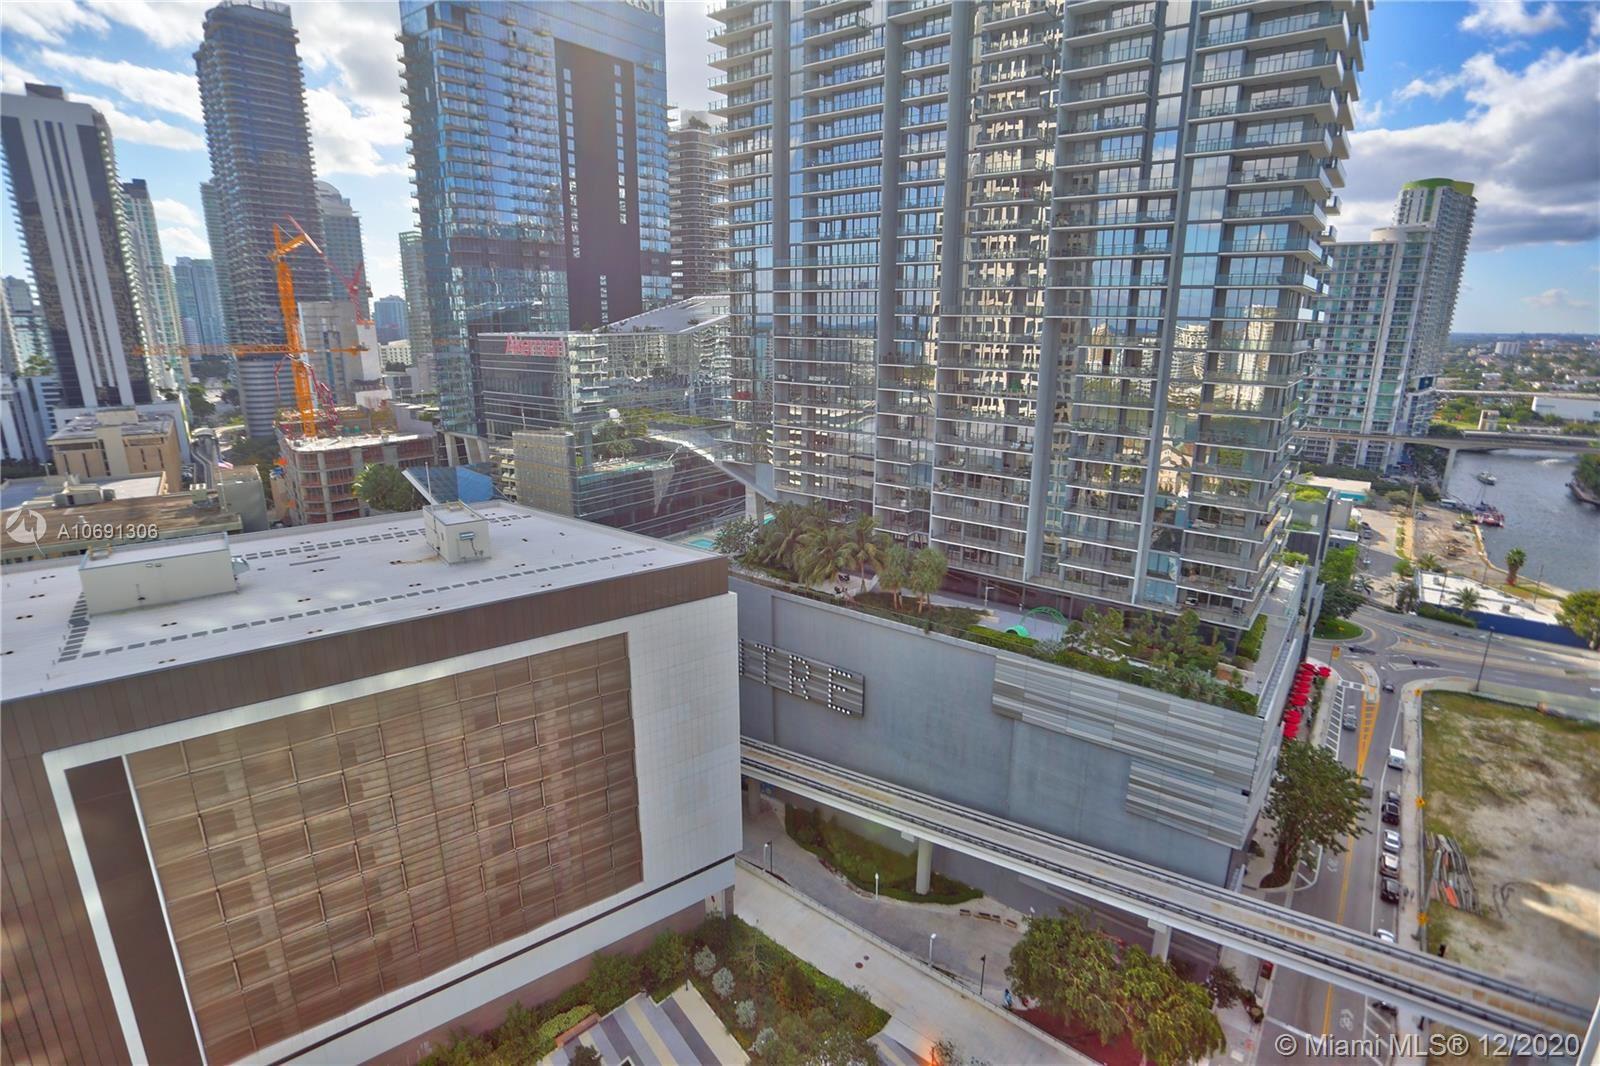 Photo for 55 SE 6th St #2304, Miami, FL 33131 (MLS # A10691306)